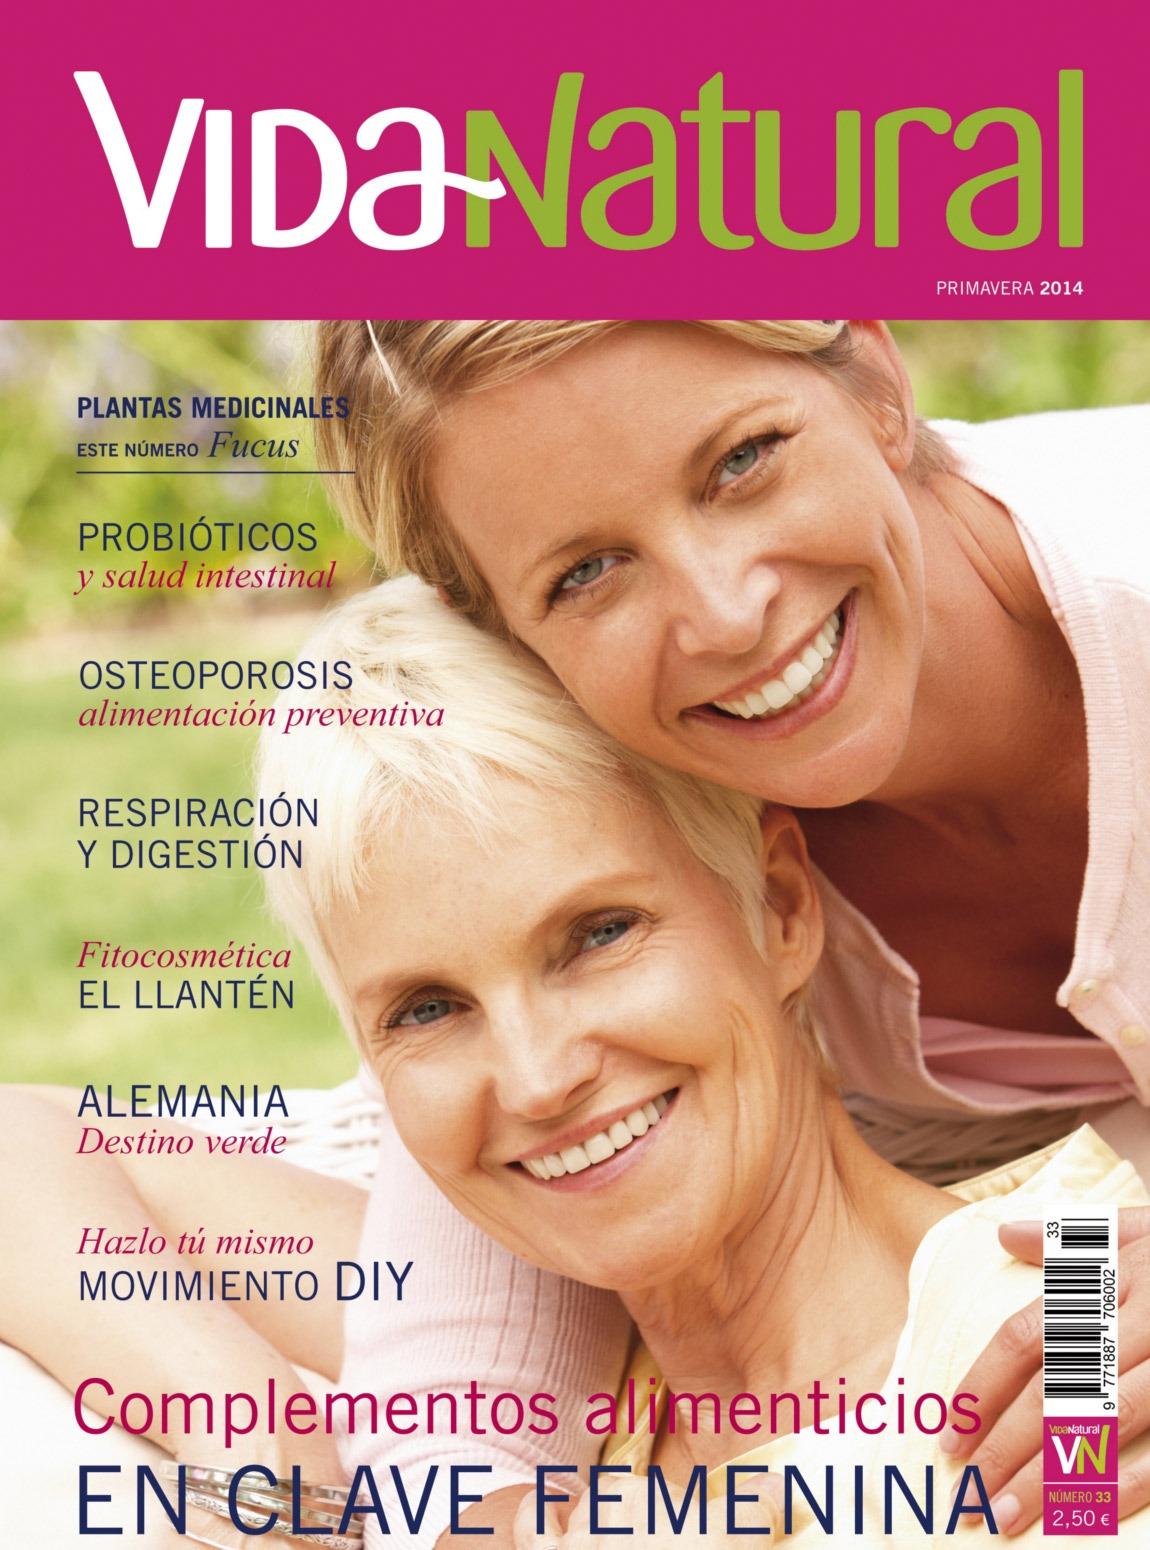 Revista VIDA NATURAL Nº 33 - PRIMAVERA 2014